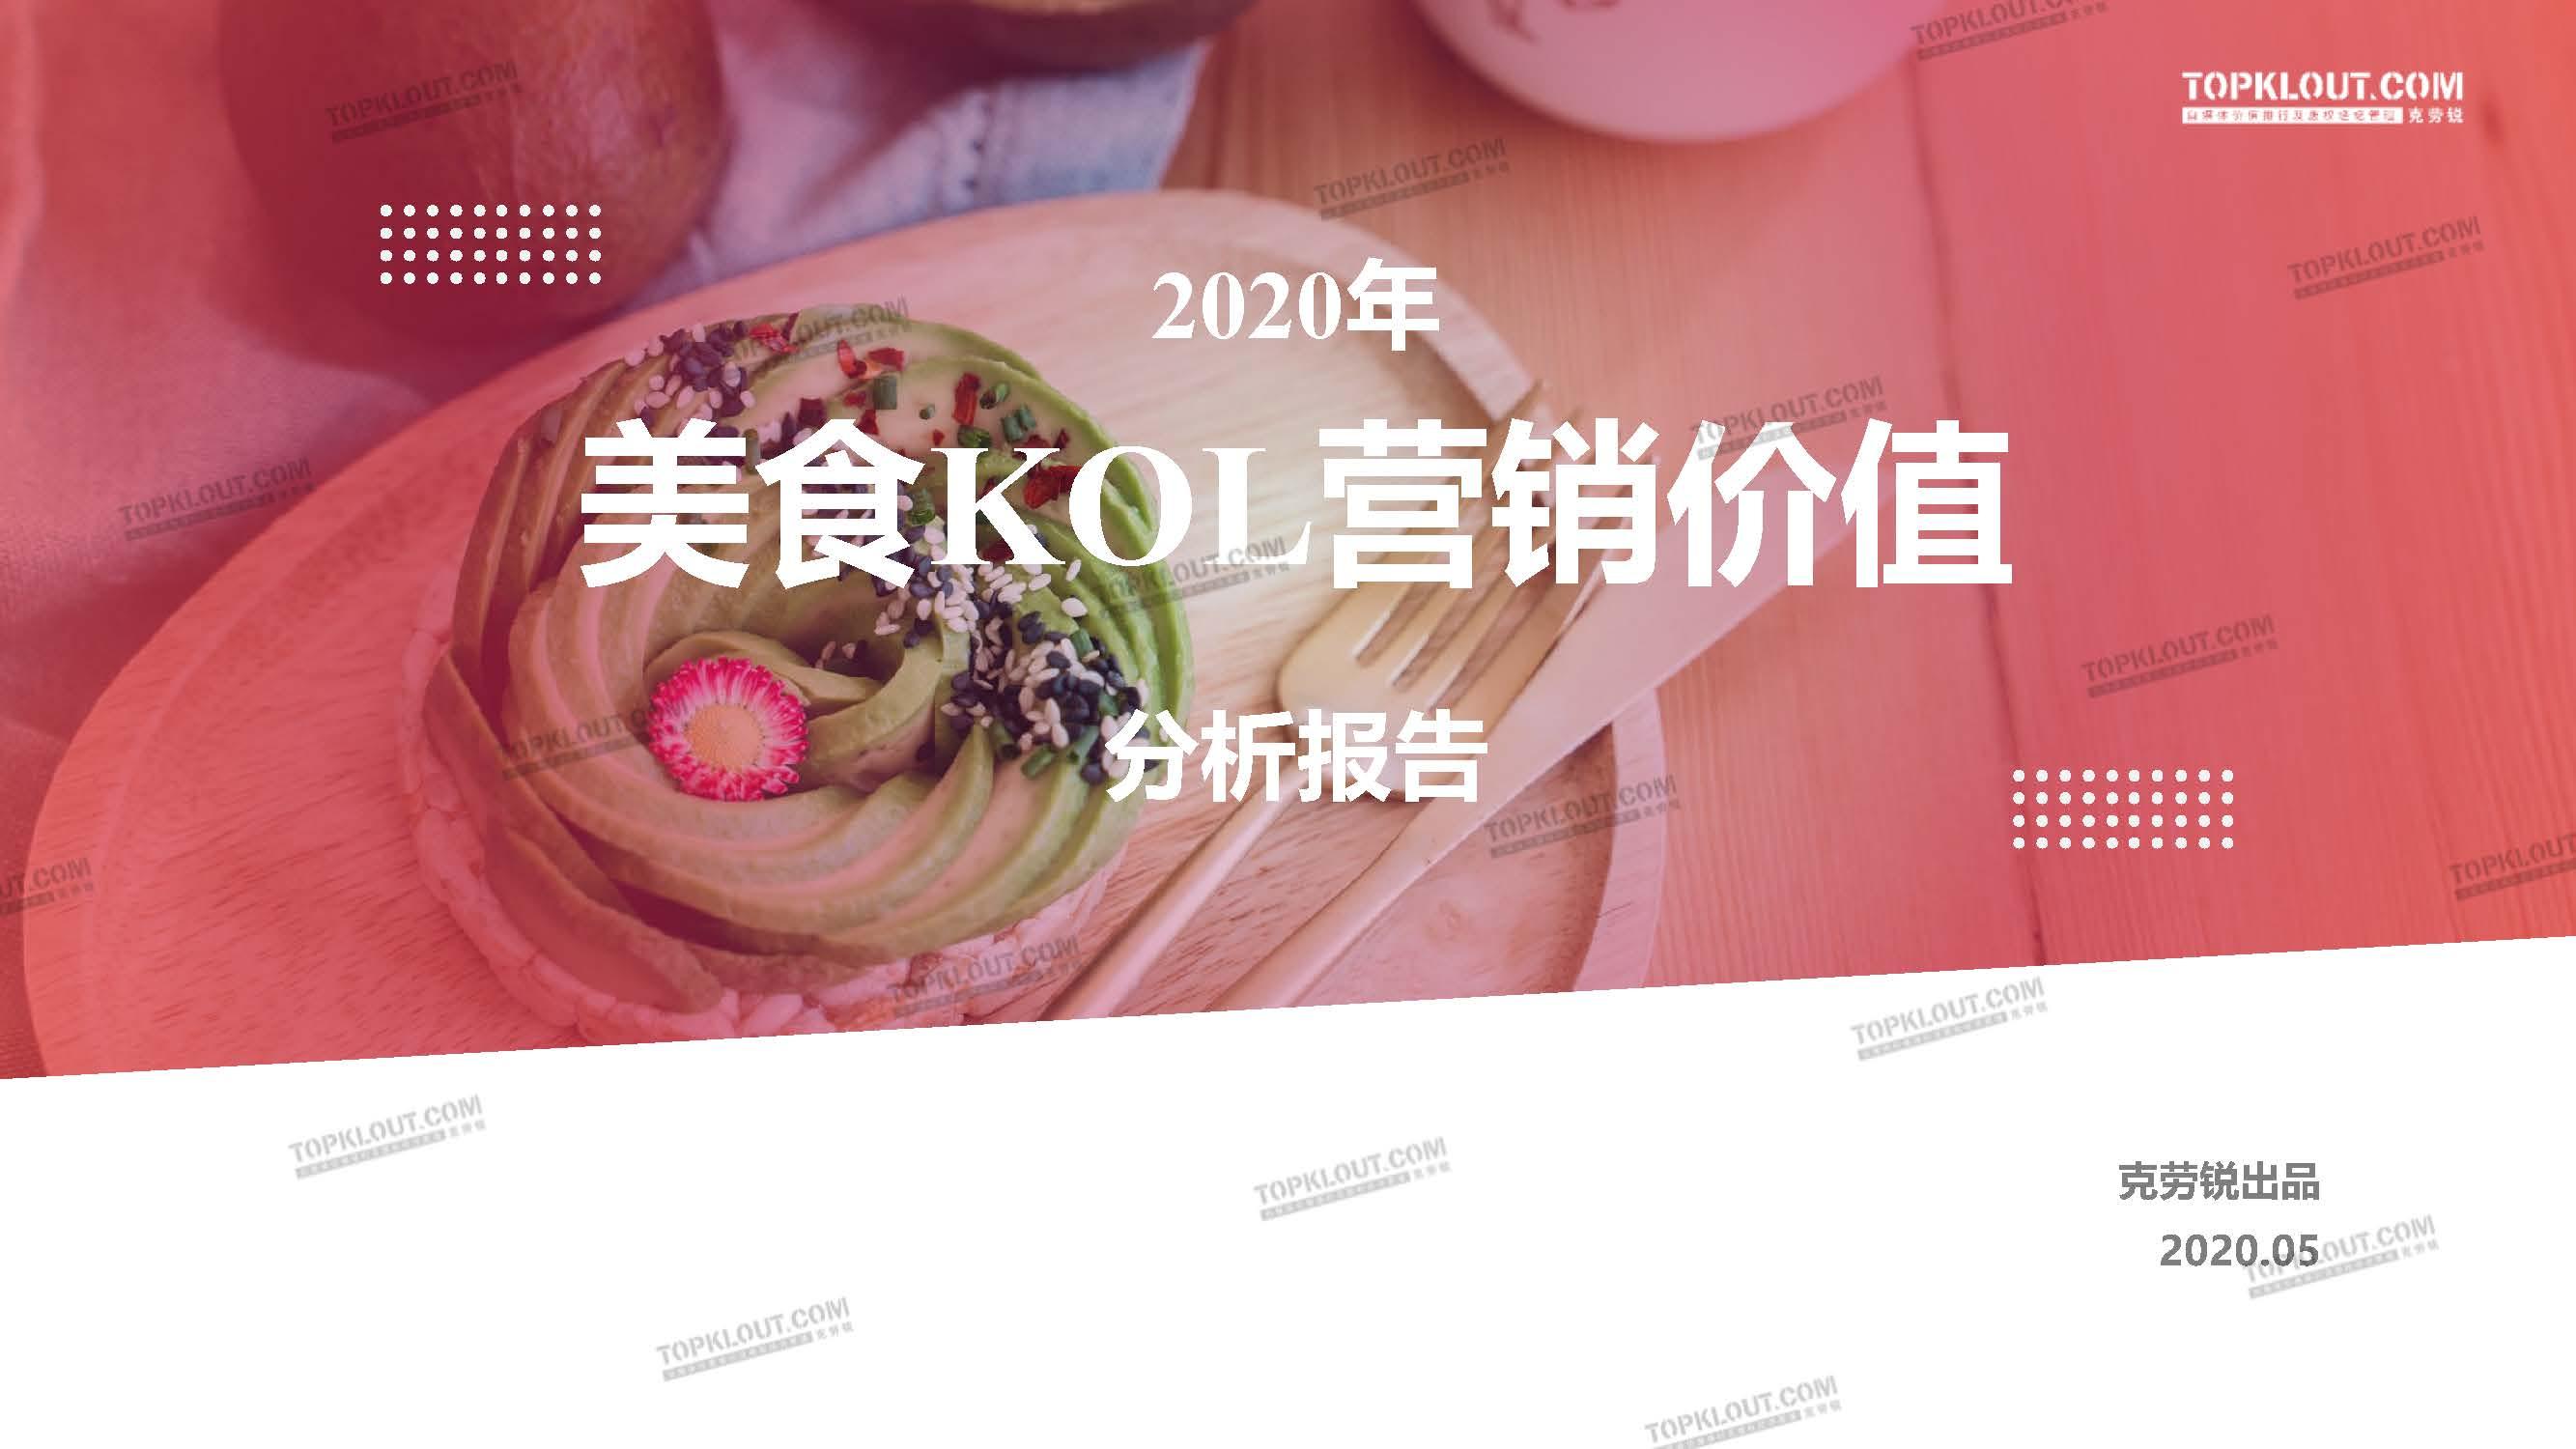 克劳锐:2020年美食KOL营销价值分析报告(附下载地址)